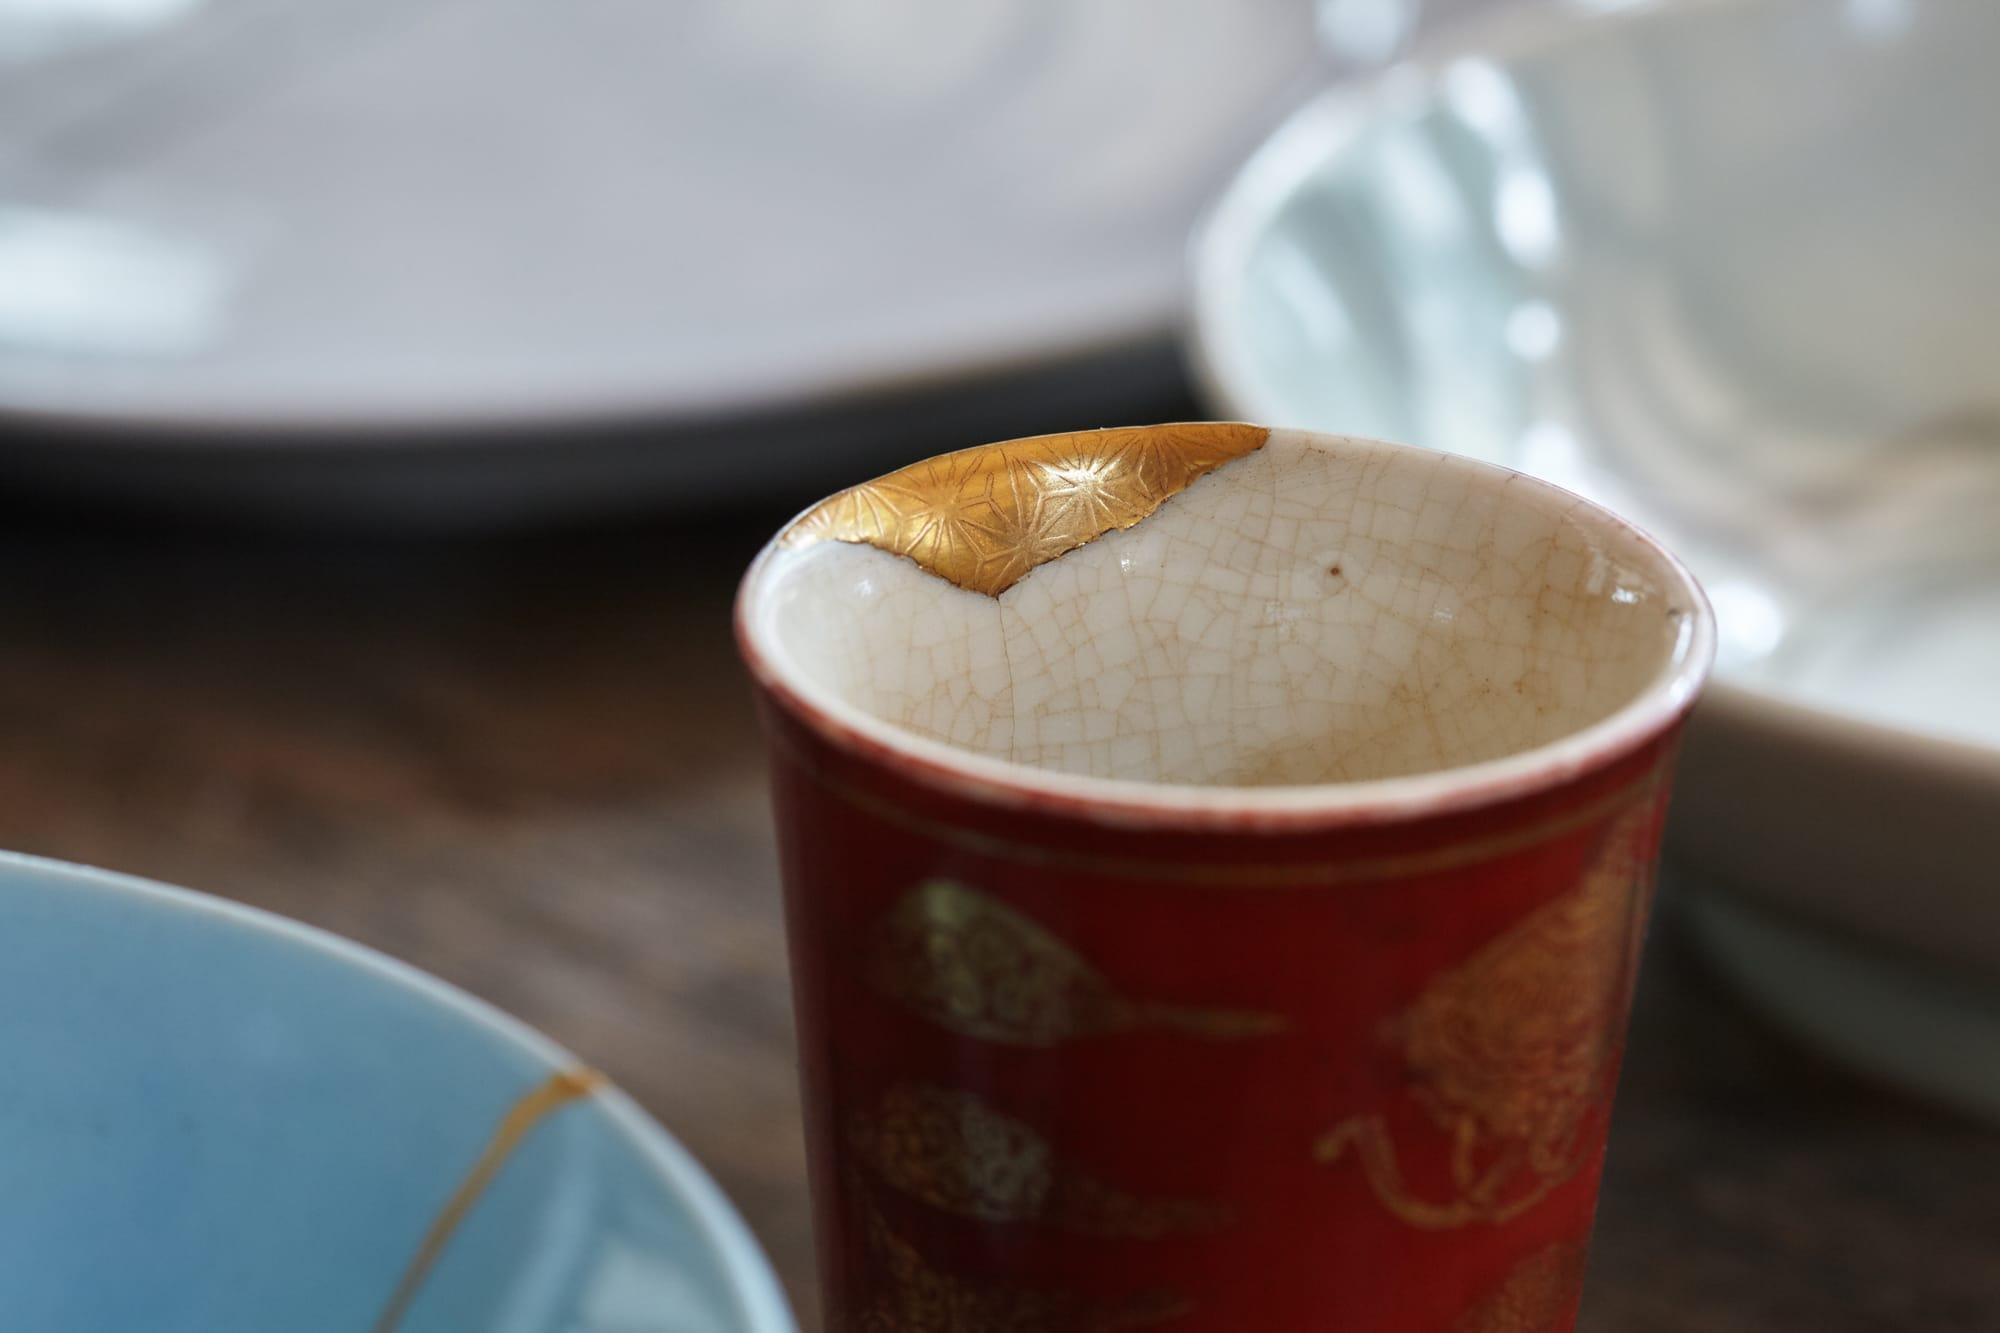 金継ぎは陶磁器の割れたところを漆で継ぎ、継ぎ目に金の粉を定着させる修理方法。「漆は塗料として使われるほか、強い接着力があるので昔から接着材としても使われてきました。金継ぎは漆を使う技法なので、金継ぎをすることで漆のことを知ってもらえるのがいいですね」(河井さん)